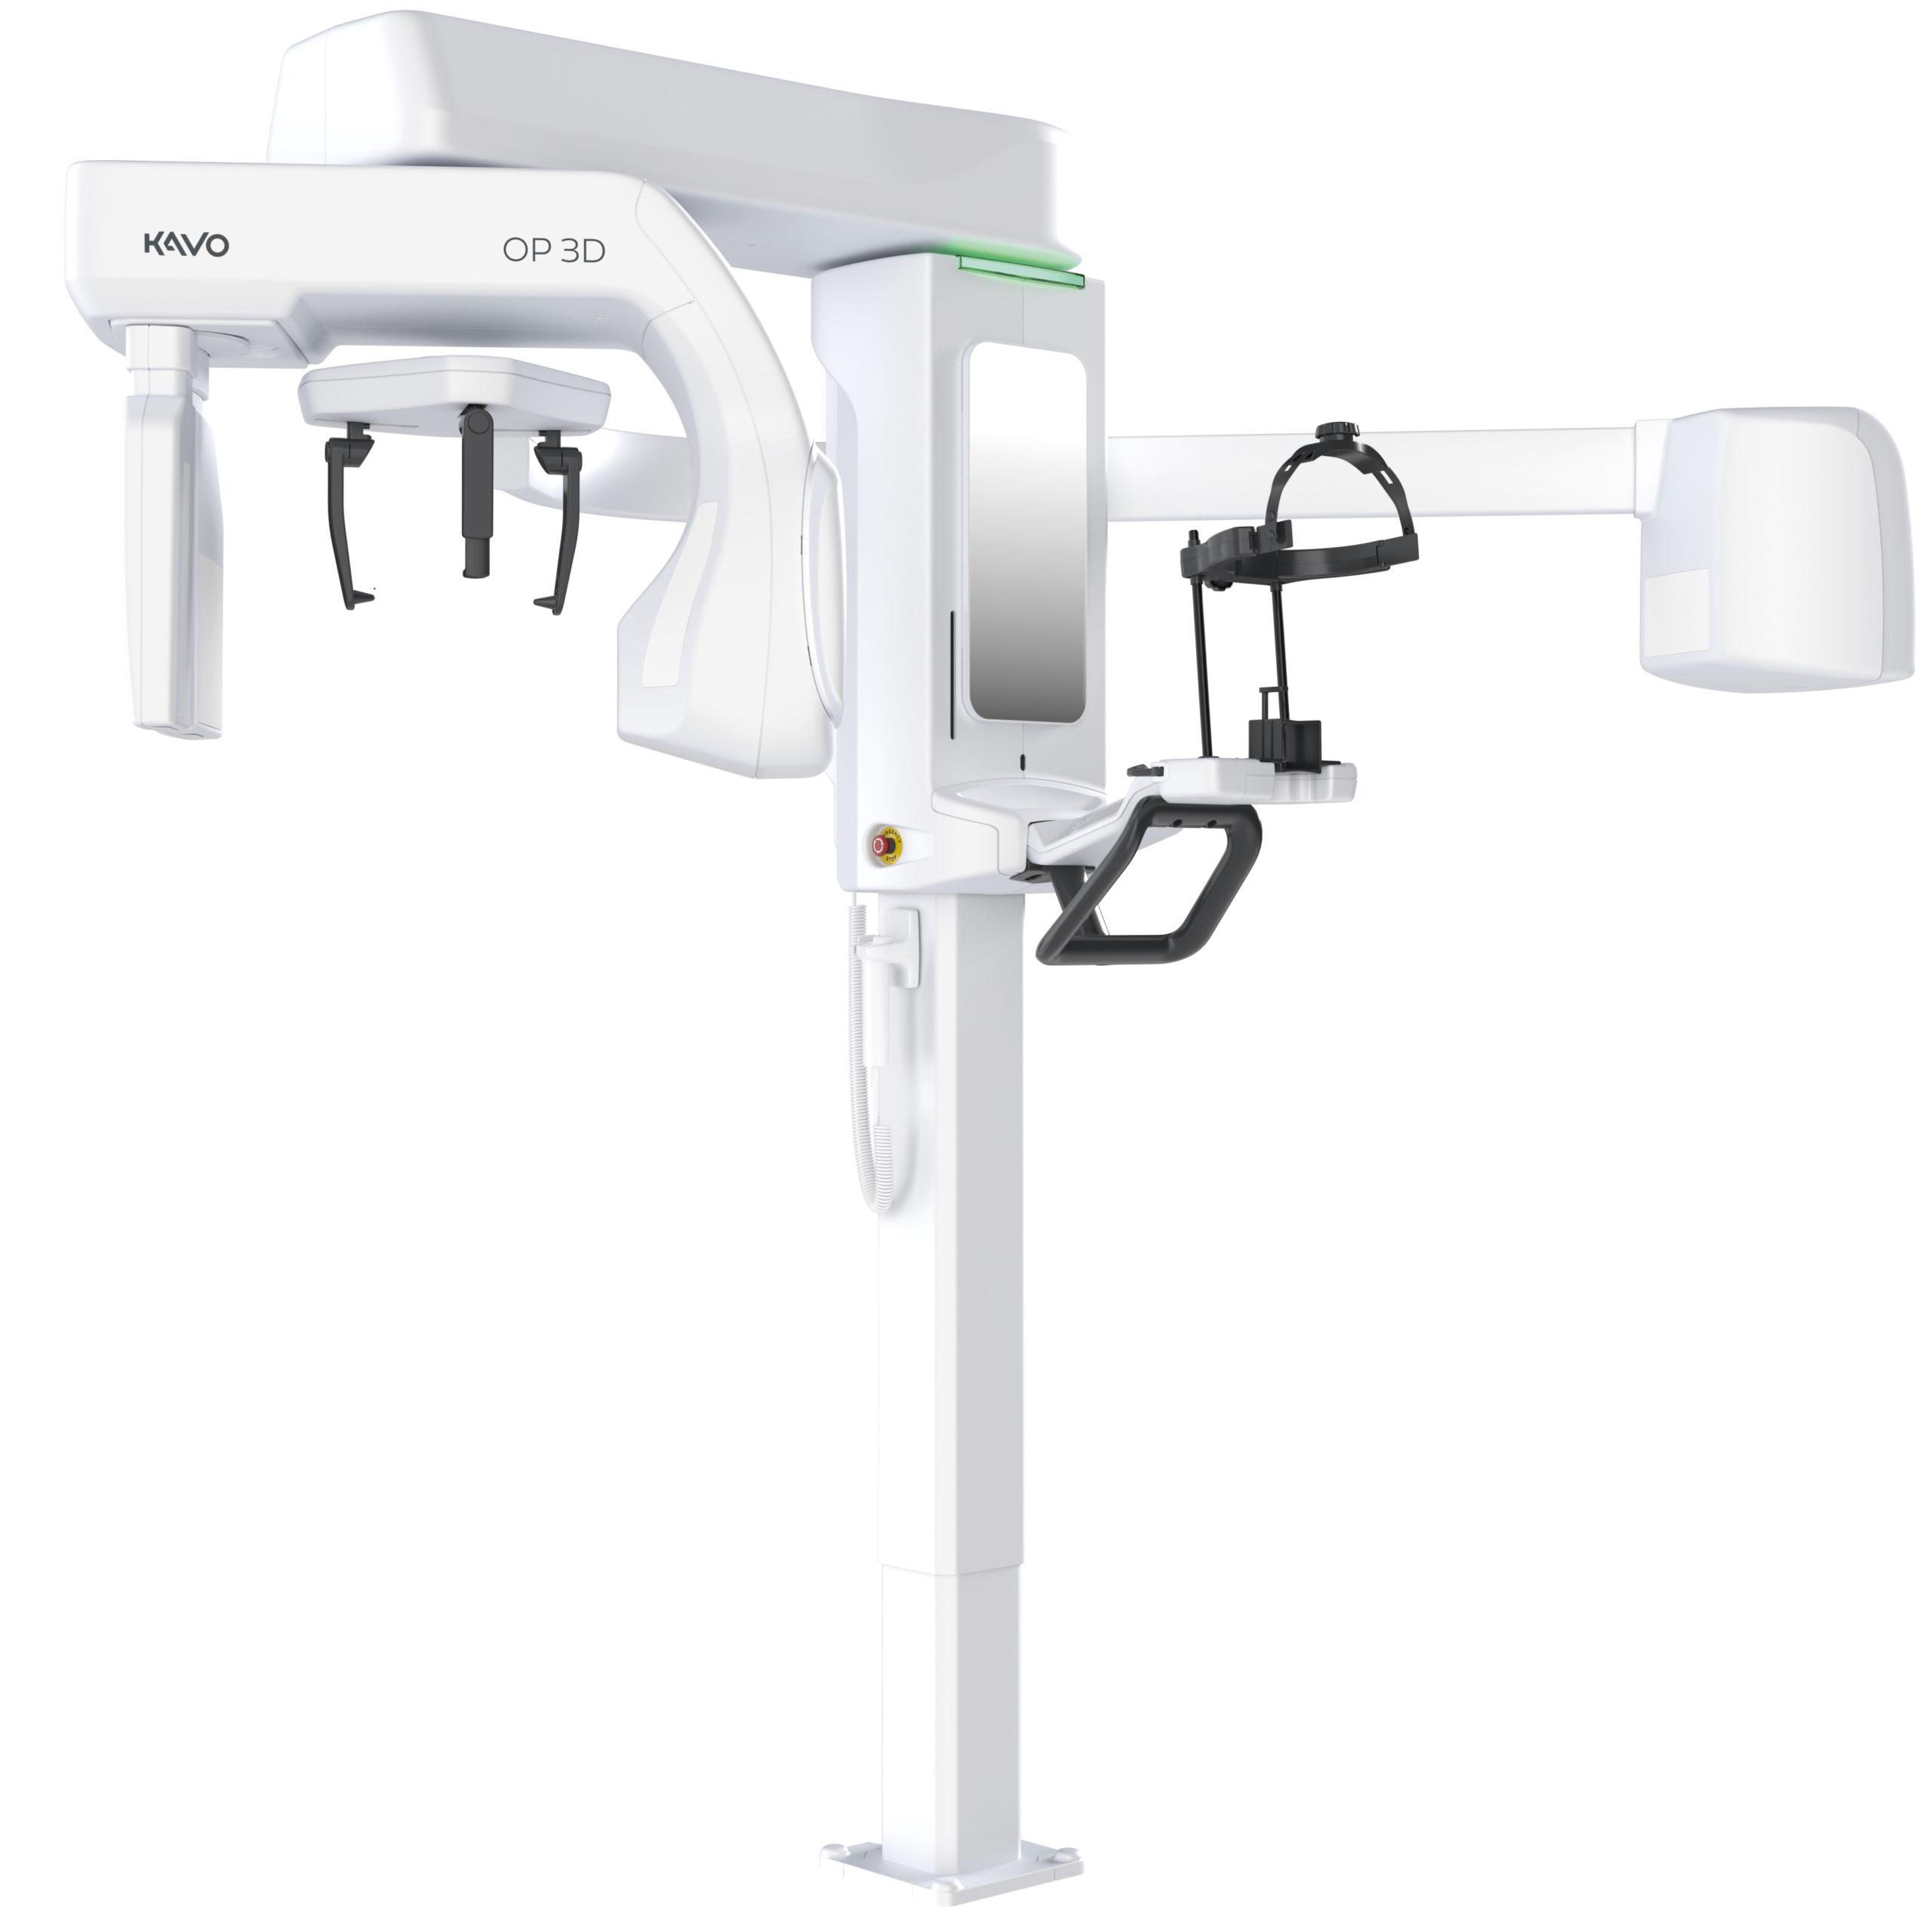 KaVo OP 3Dの写真